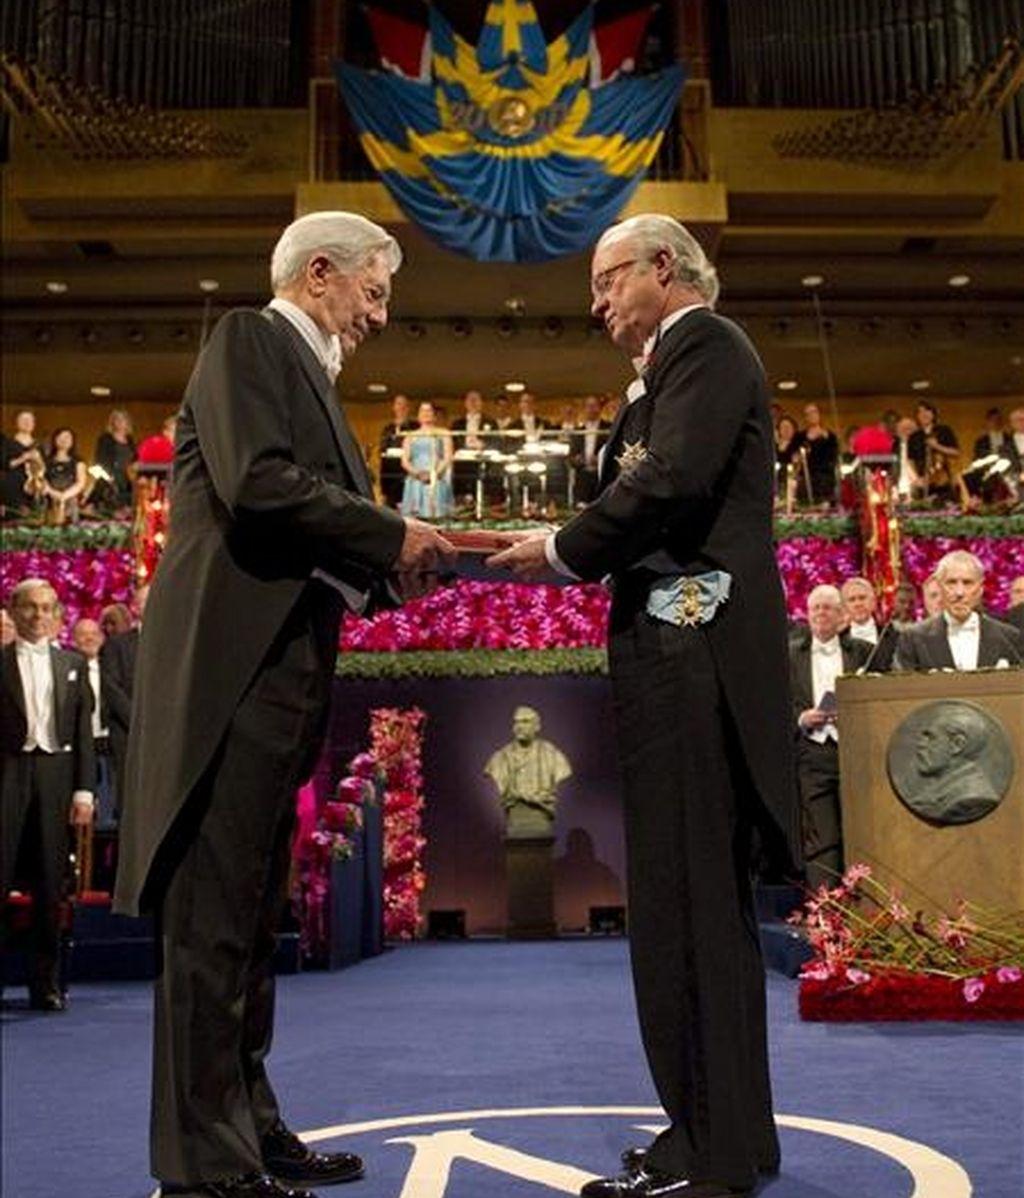 El rey Carlos Gustavo de Suecia entrega al escritor peruano Mario Vargas Llosa (izda) la medalla y el diploma que le acreditan como Premio Nobel de Literatura 2010, durante la ceremonia celebrada en la Sala de Conciertos de Estocolmo. EFE